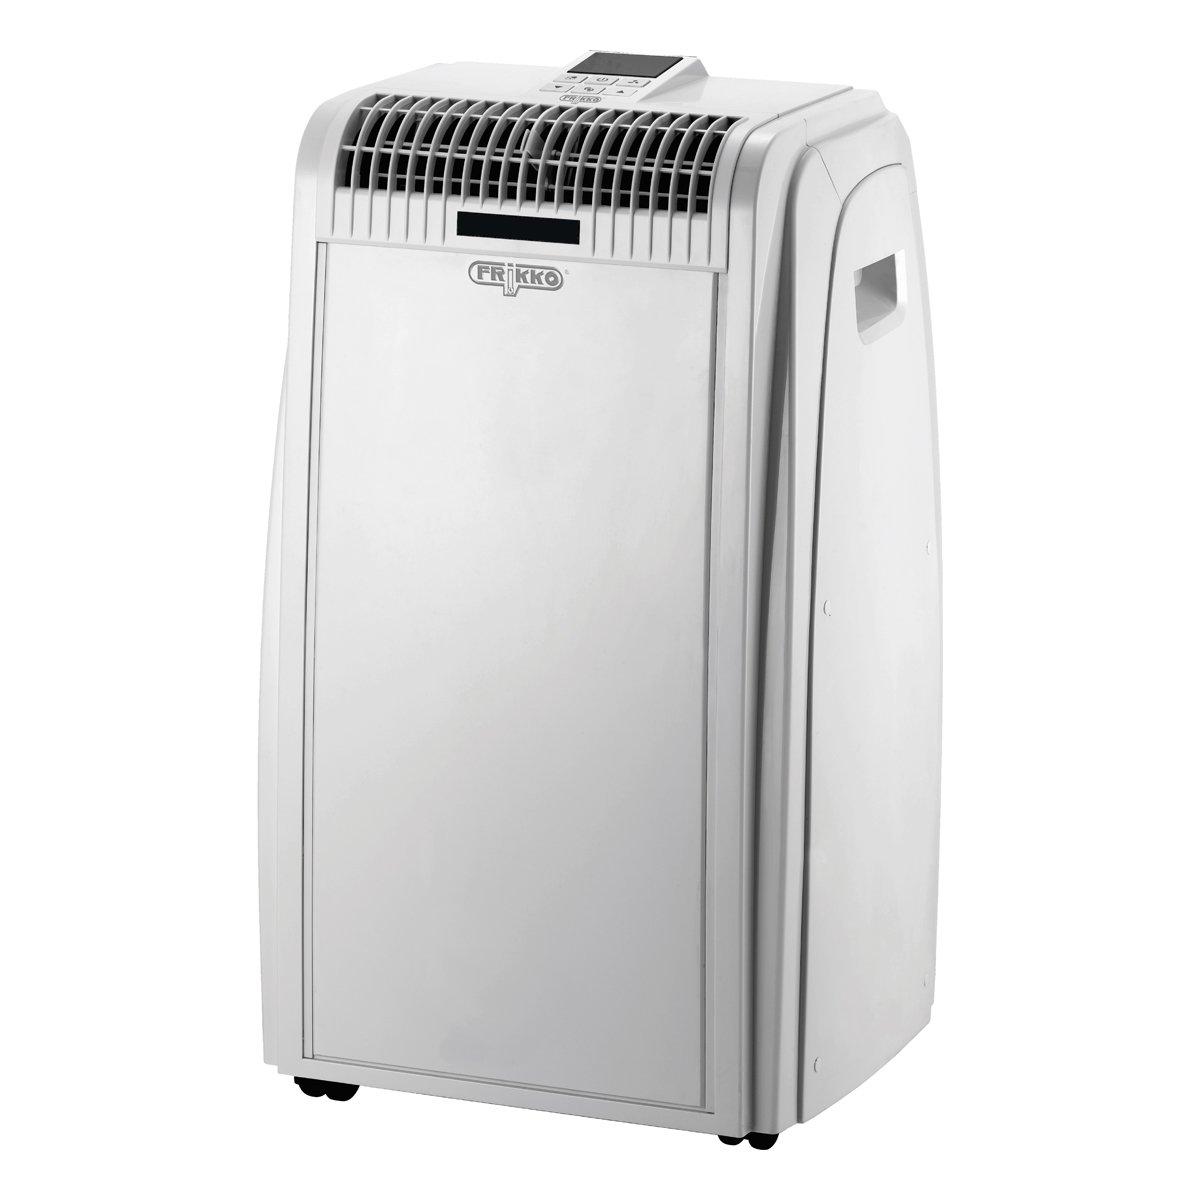 Aire port til frio calor control remoto sears com mx - Aire frio calor portatil ...